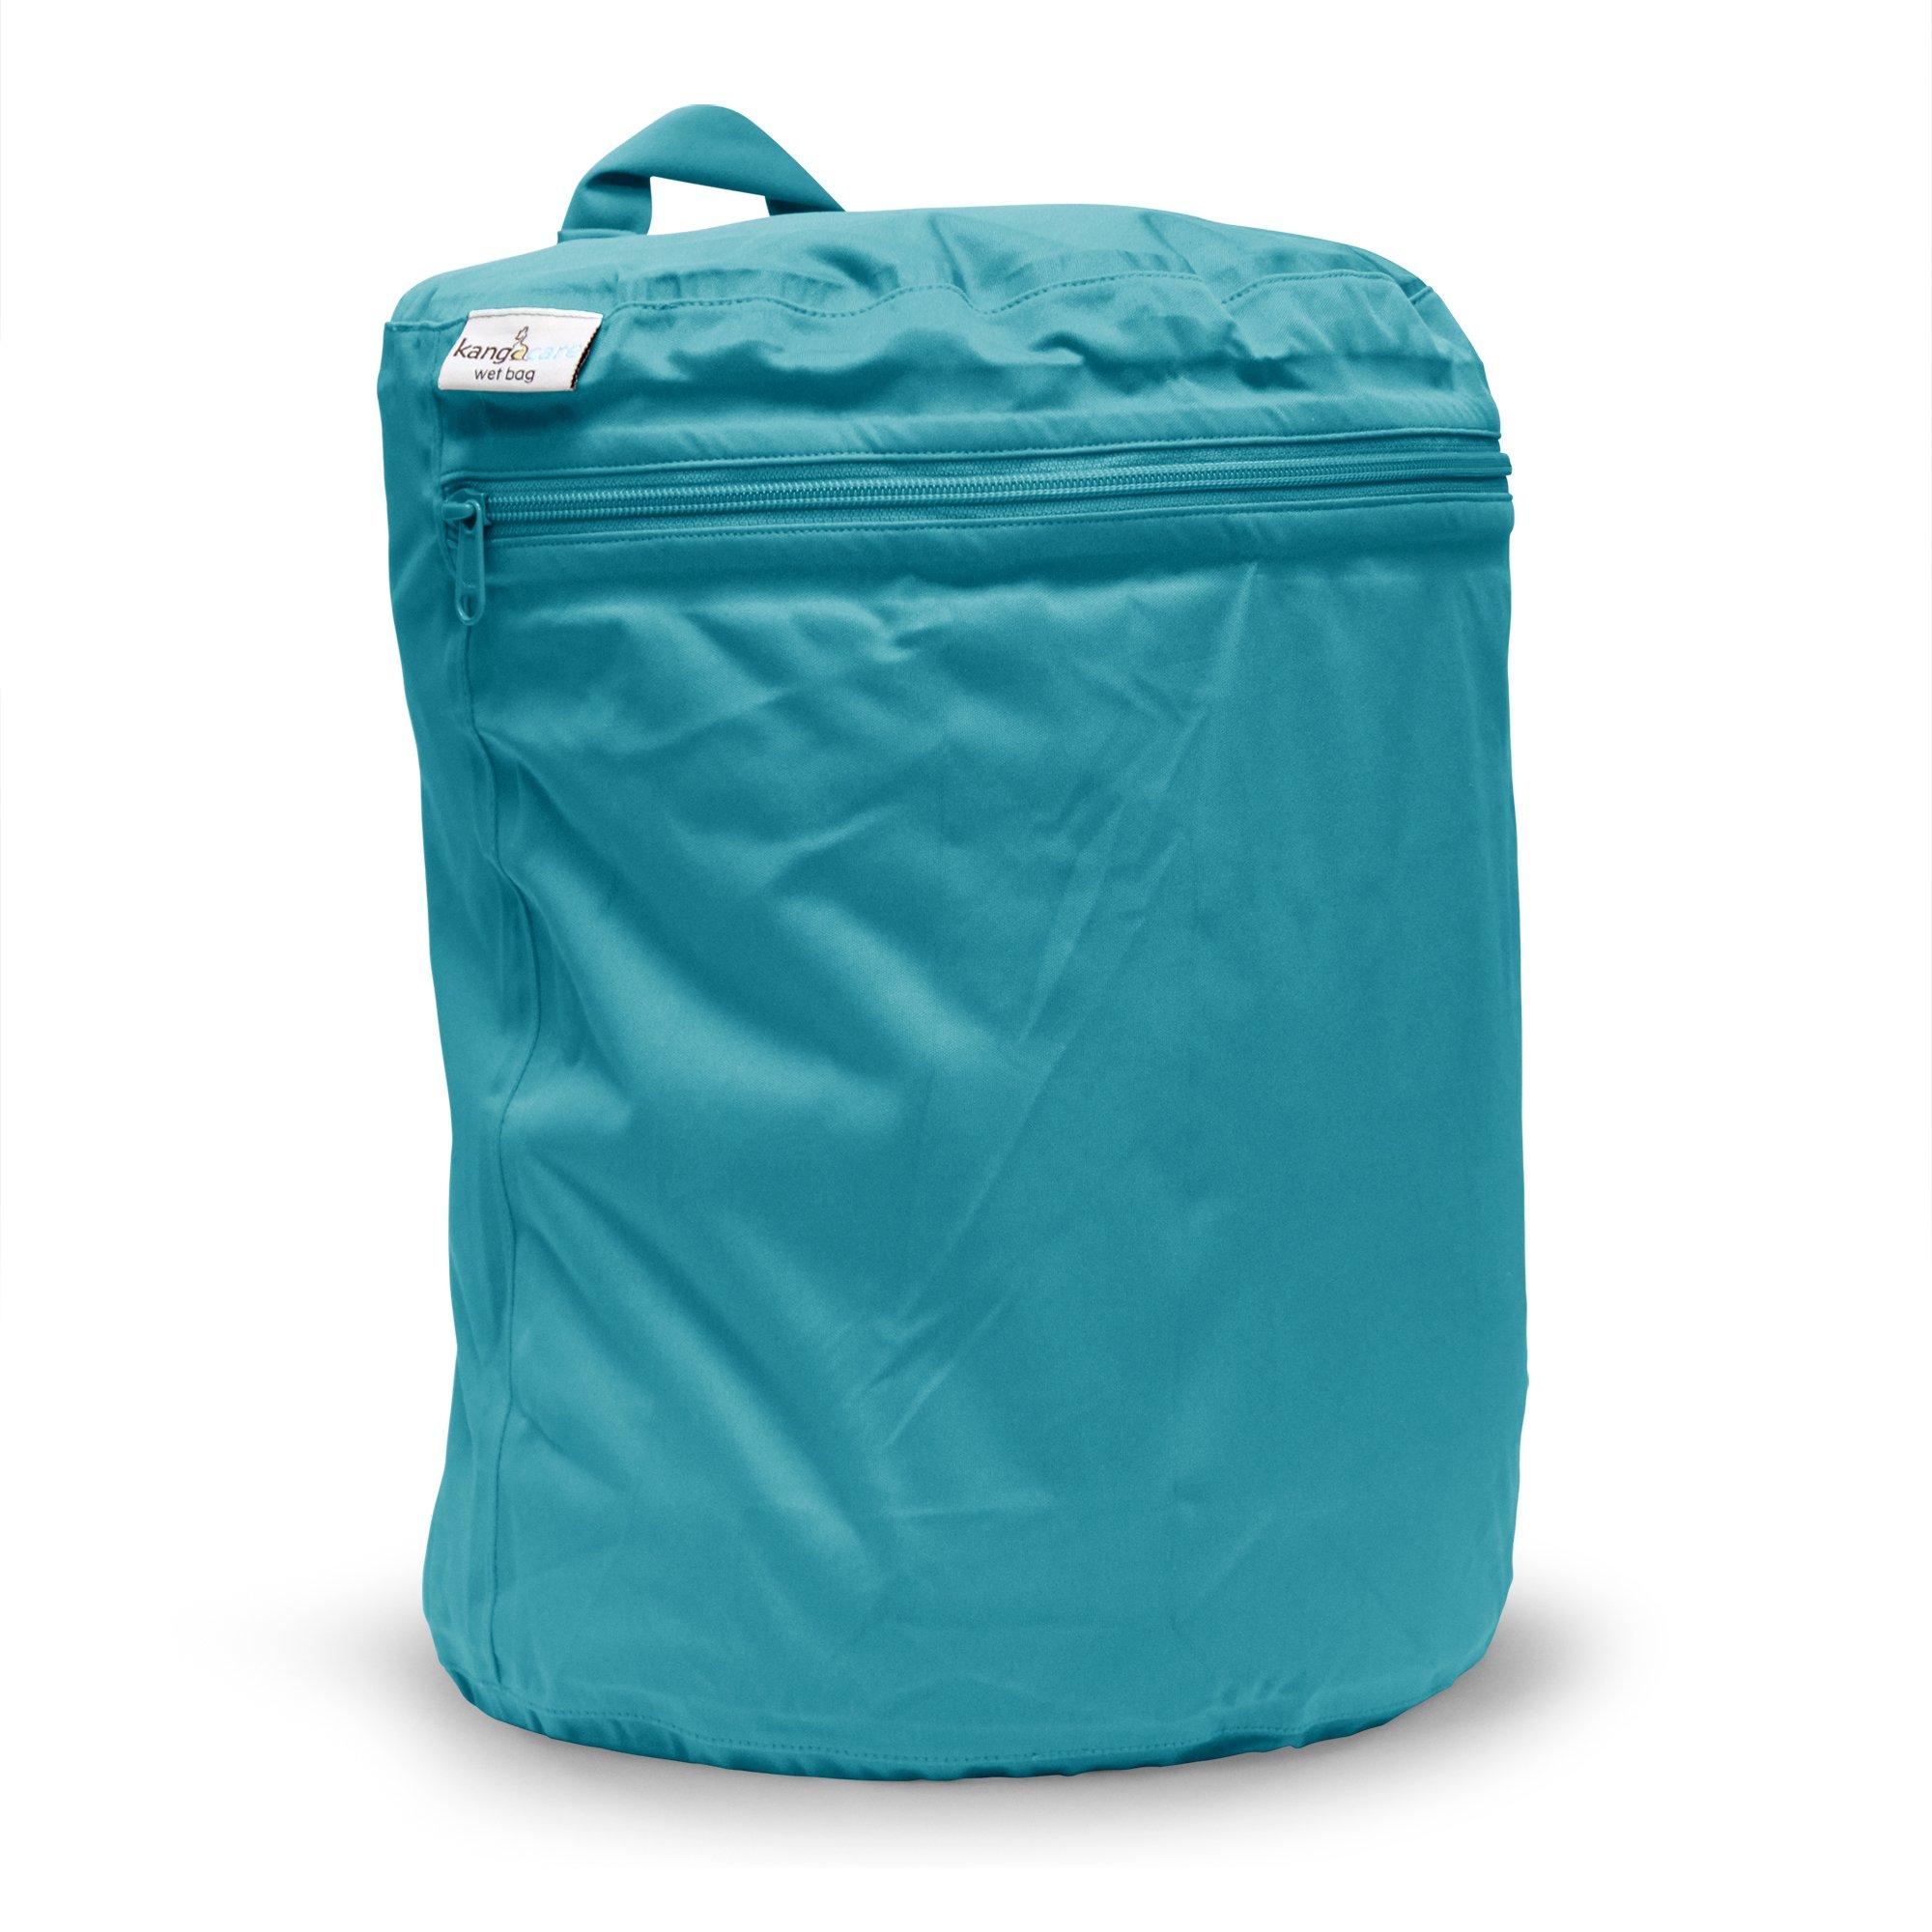 Kanga Care Wet Bag, Aquarius